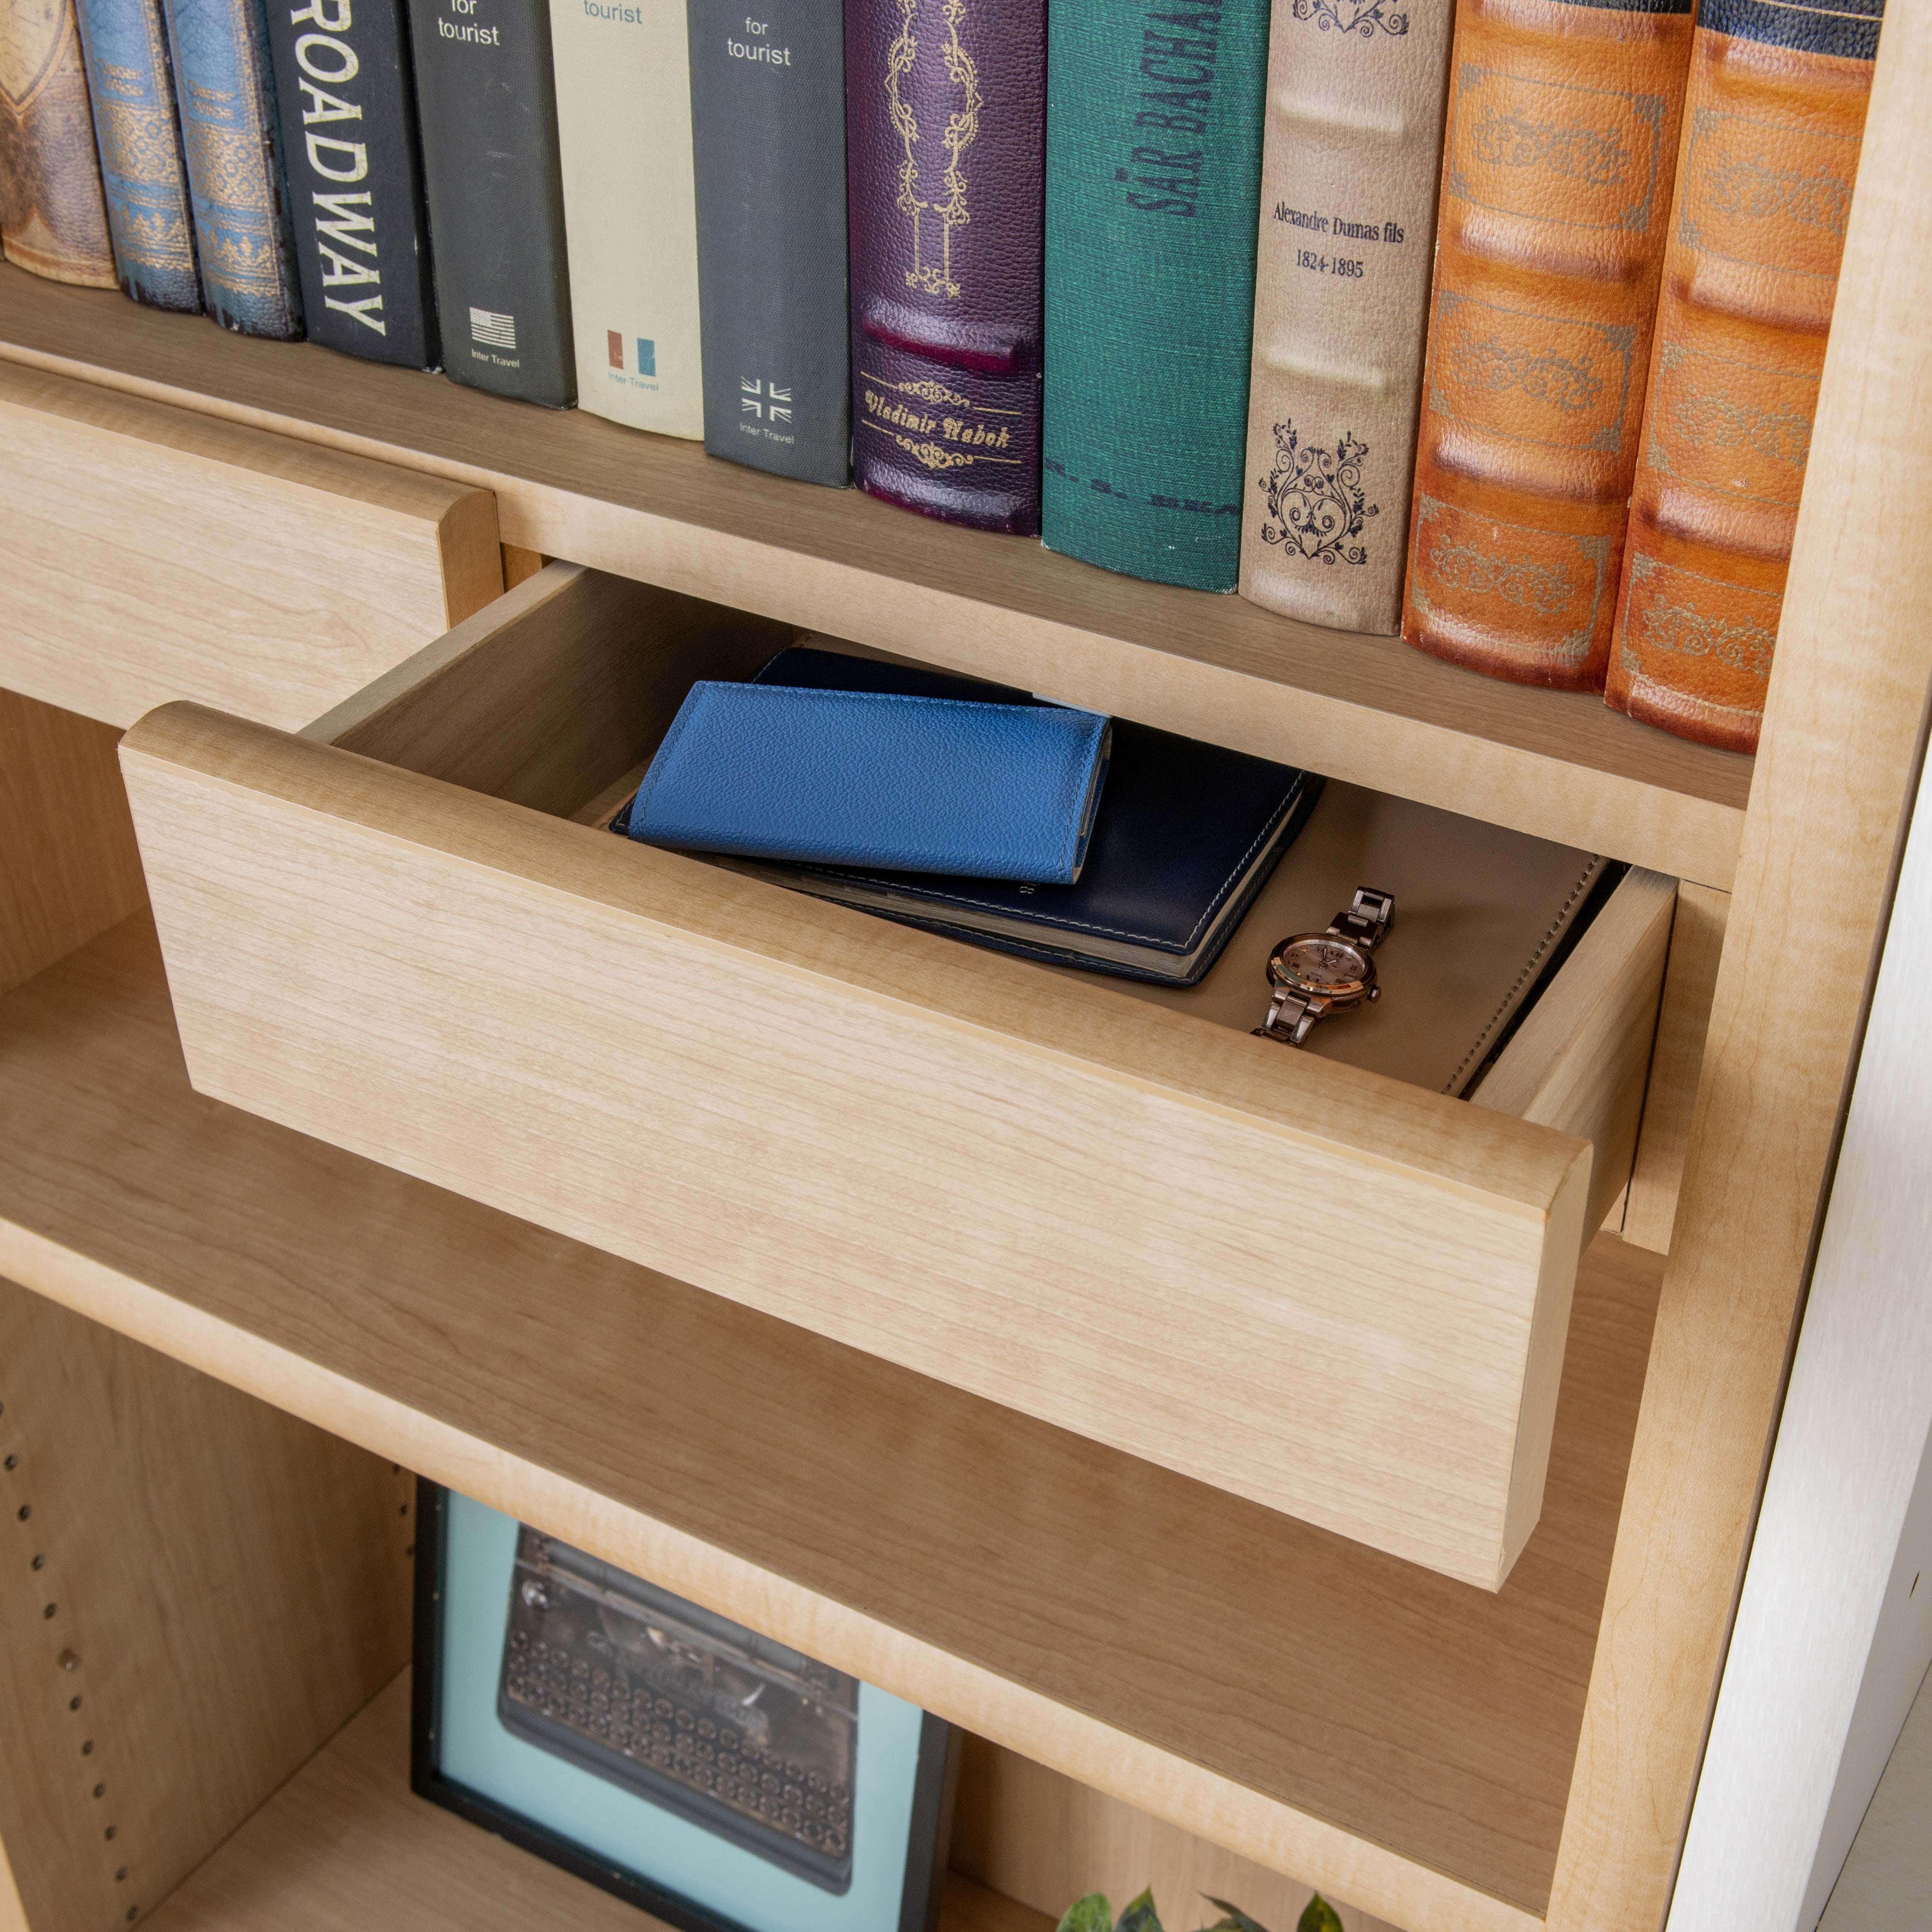 小島工芸 書棚 アコード65H(ウォールモカ):収納の幅を広げるオプション引き出し